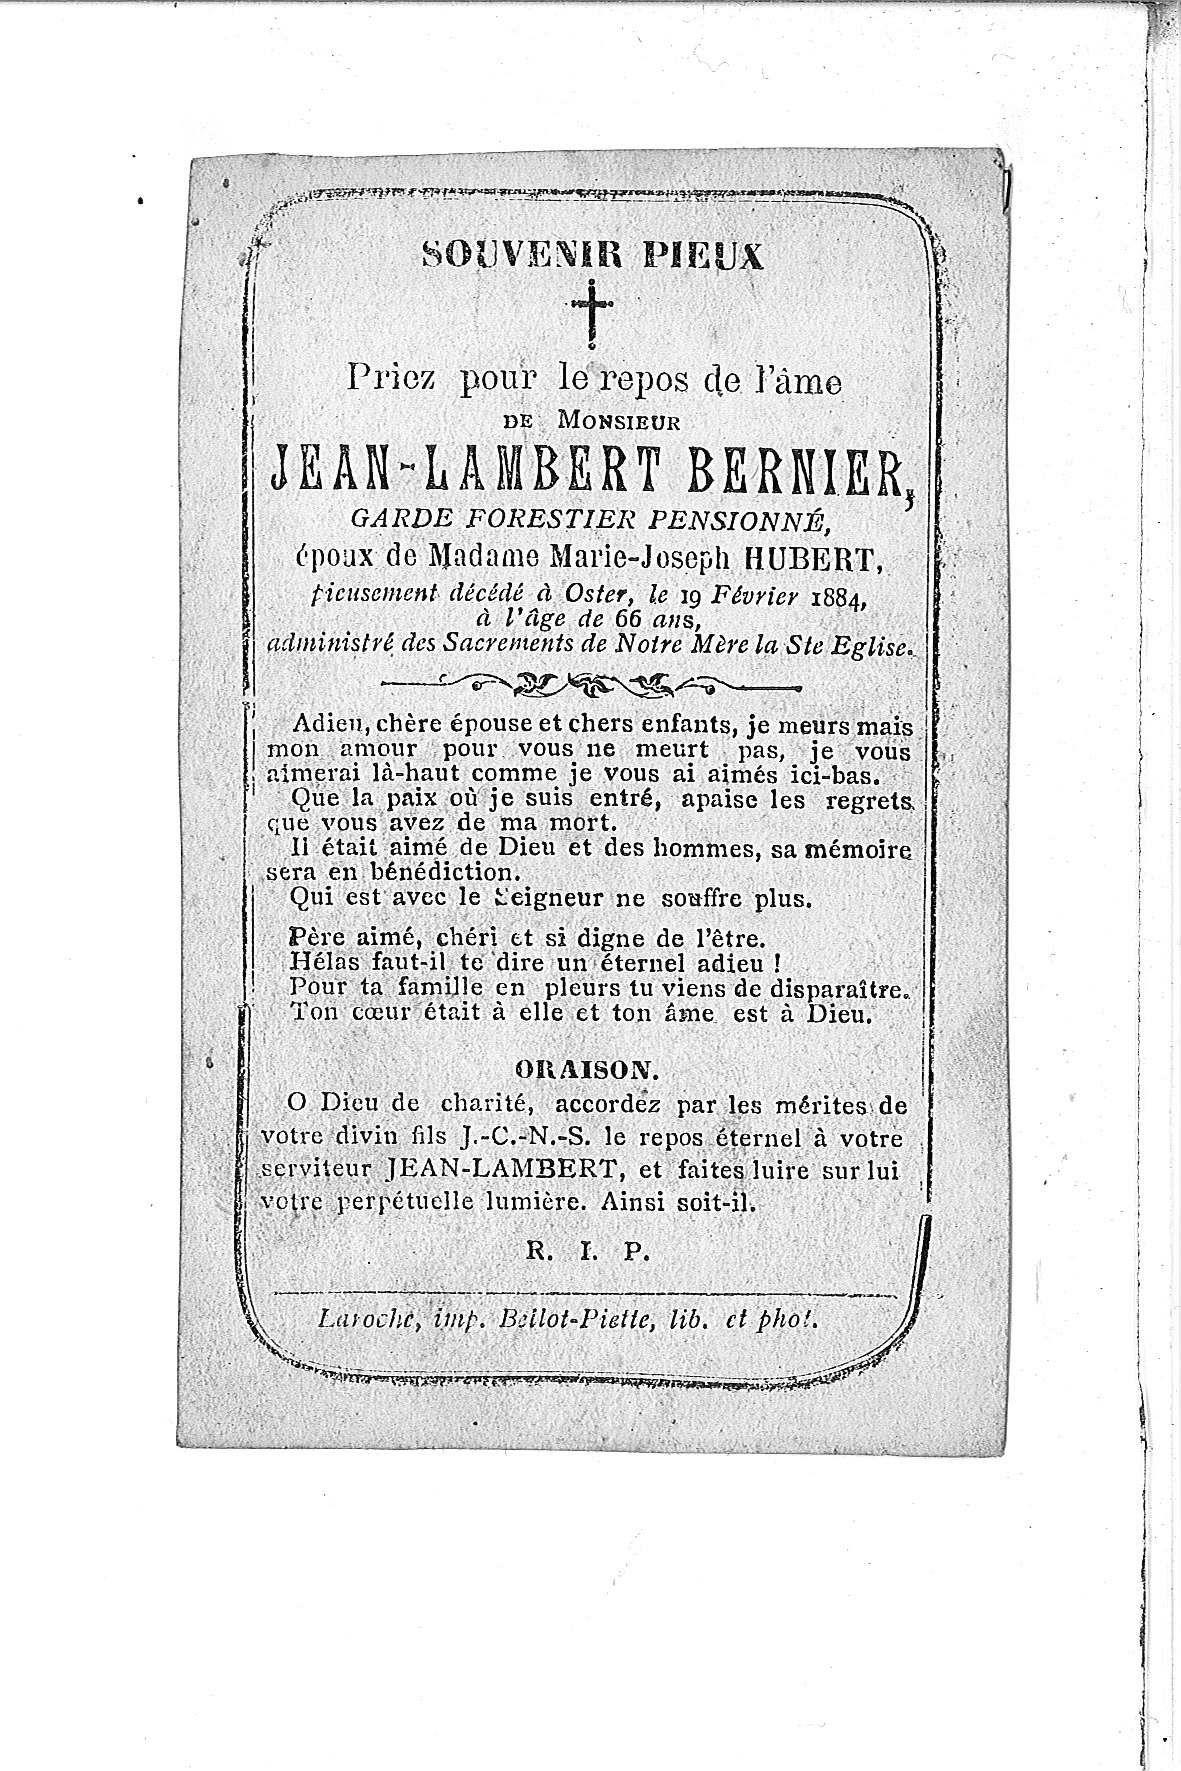 Jean-Lambert(1884)20110114142811_00028.jpg